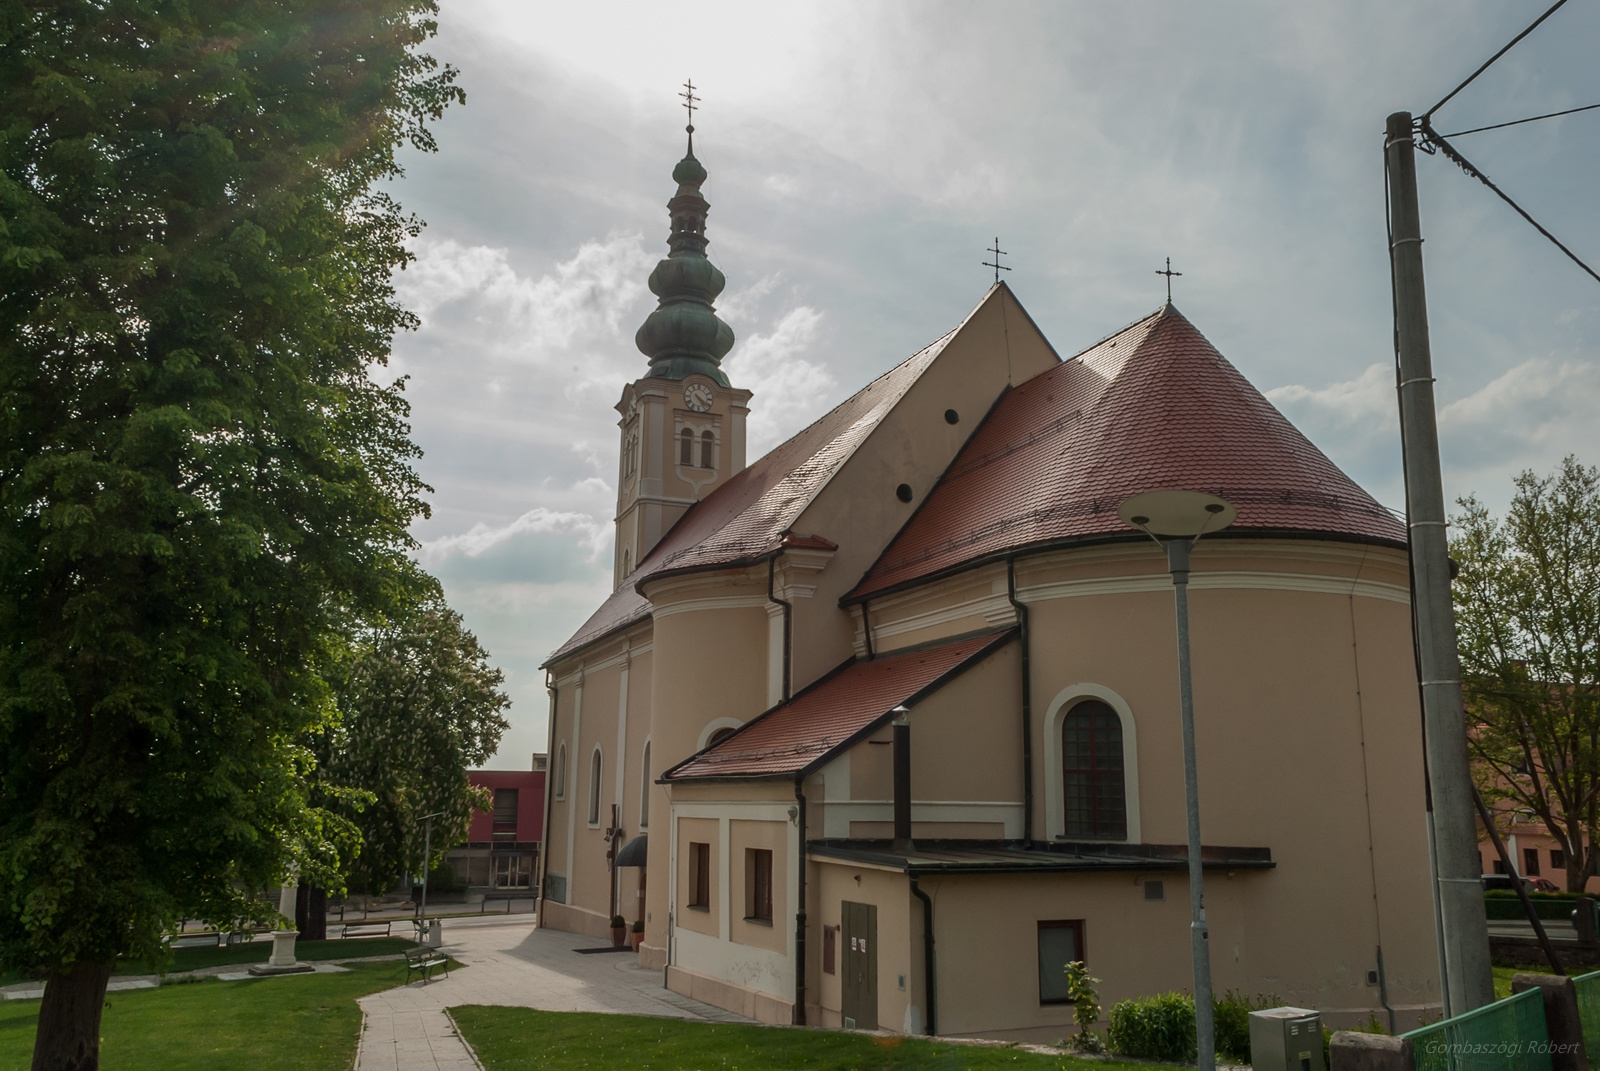 Szent Katalin templom